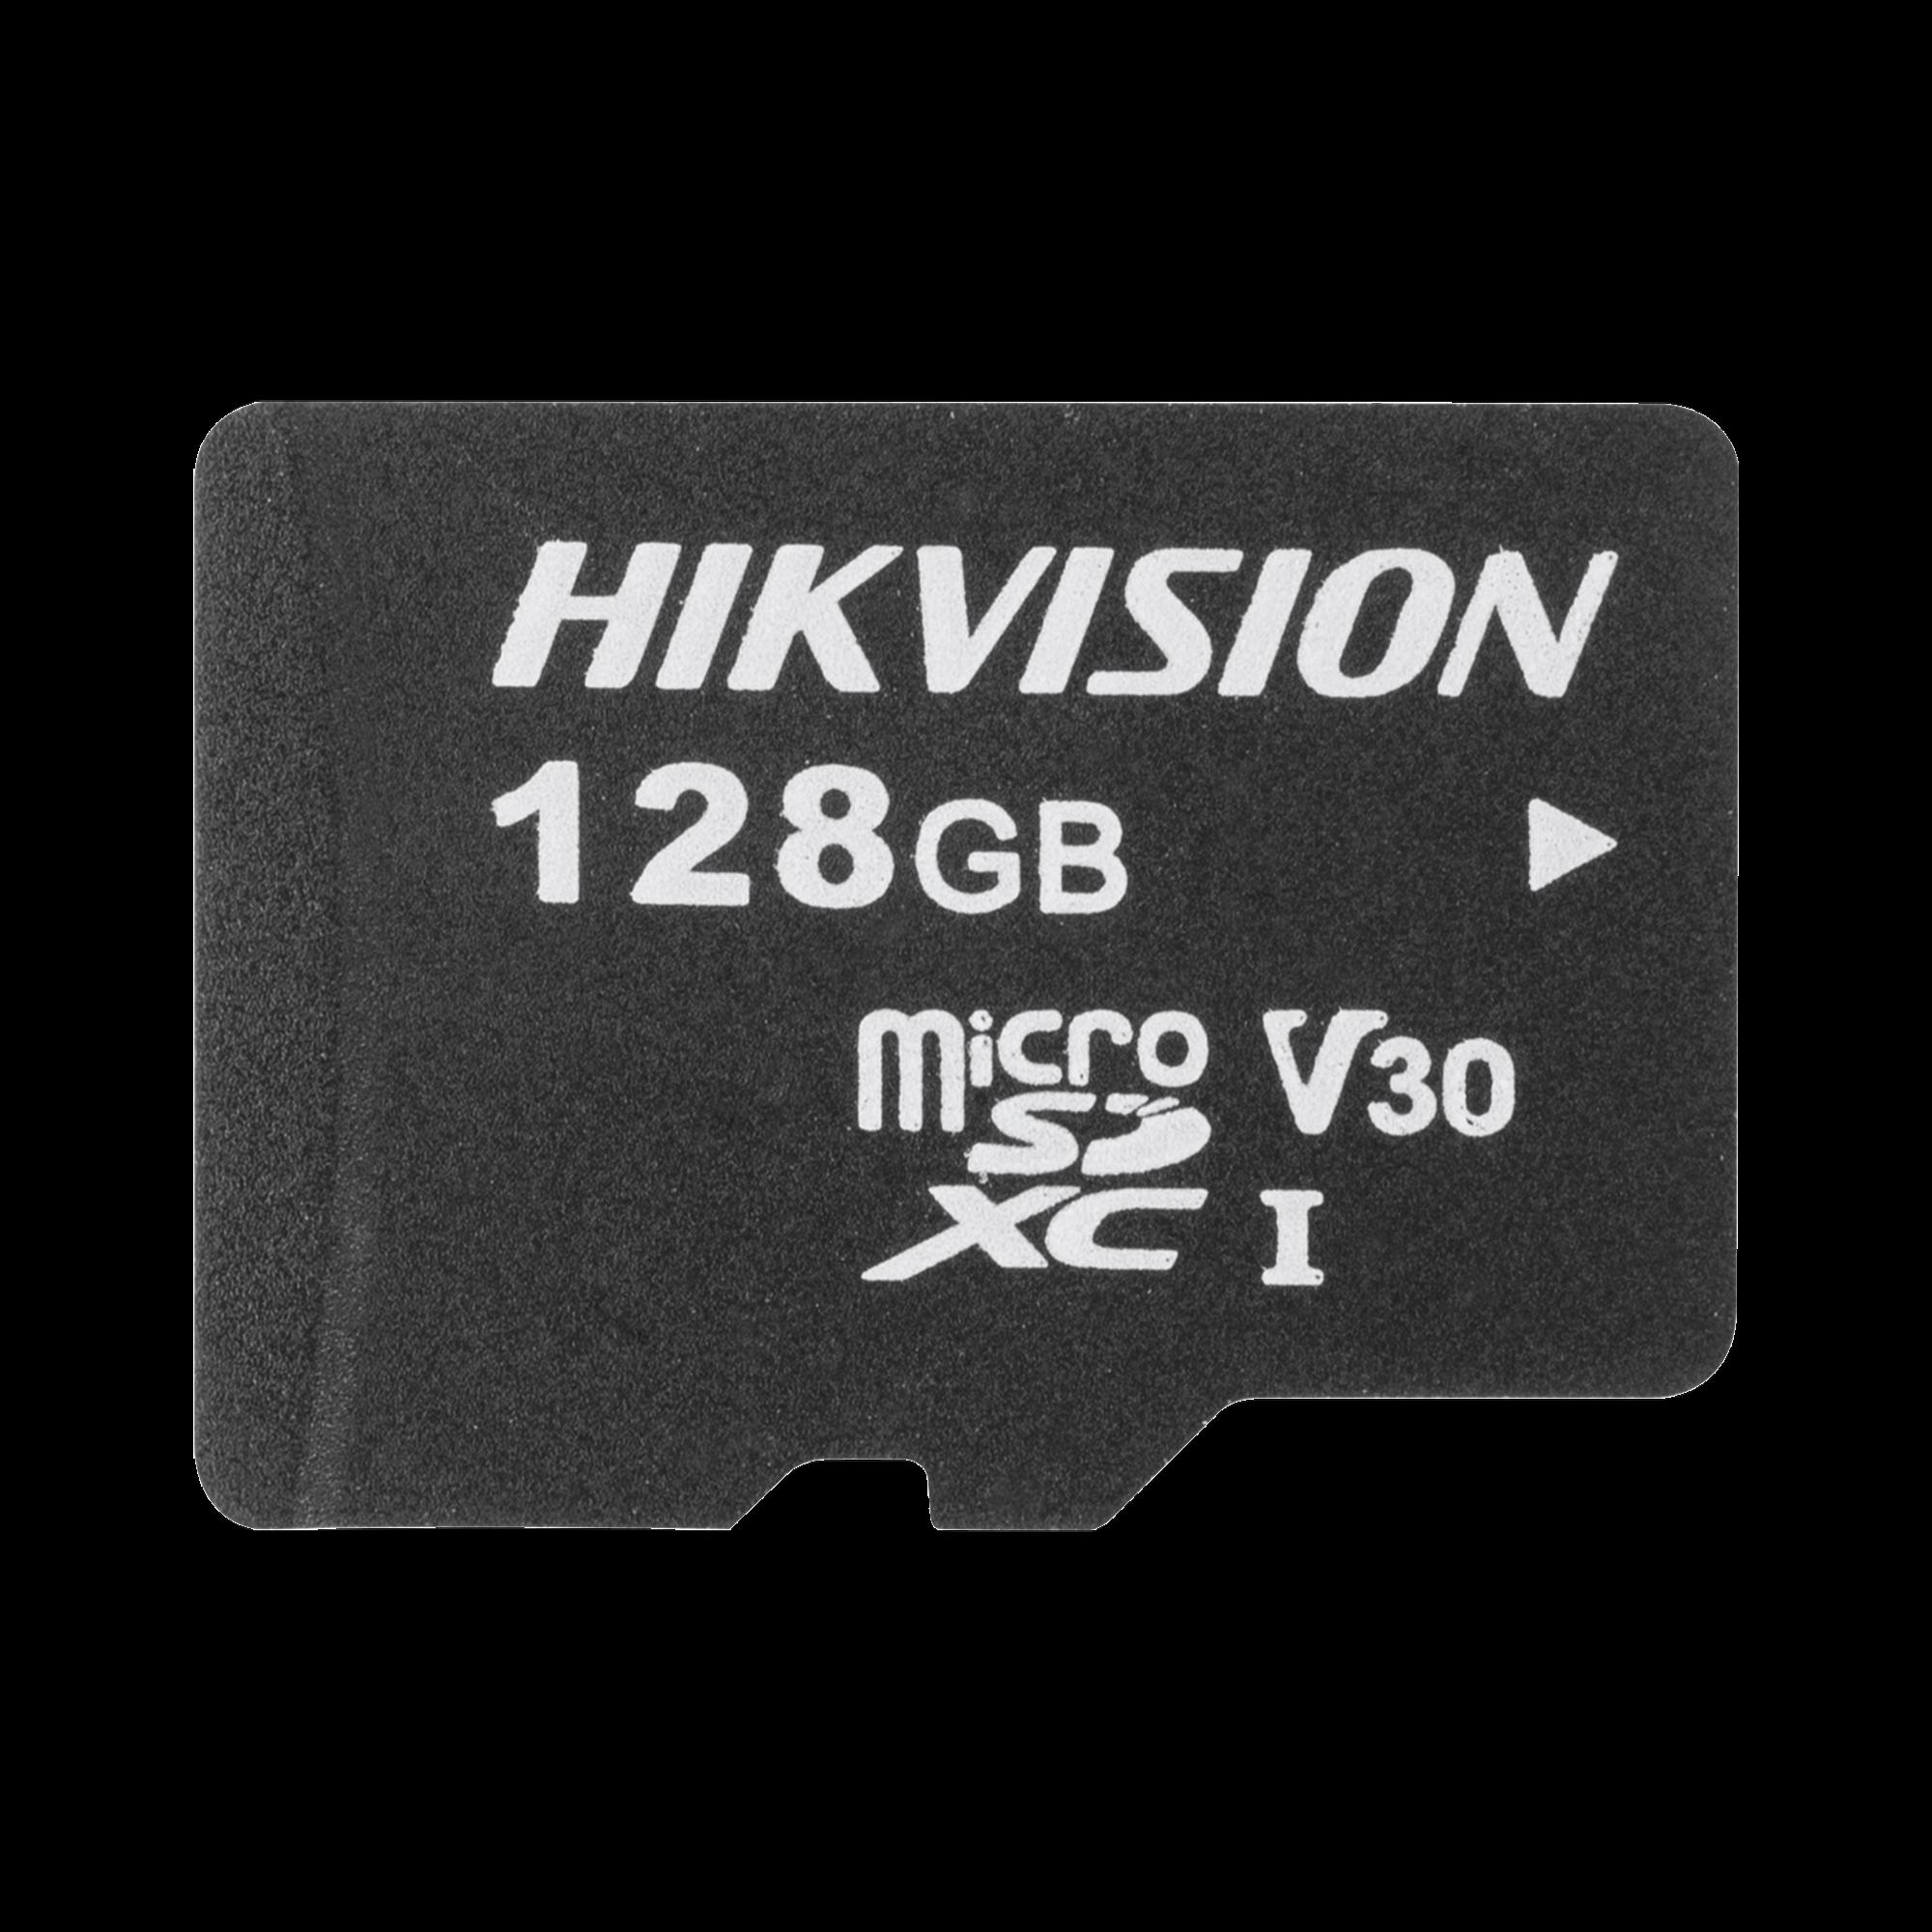 Memoria microSD / Clase 10 de 128 GB / Especializada Para Videovigilancia / Compatibles con cámaras HIKVISION